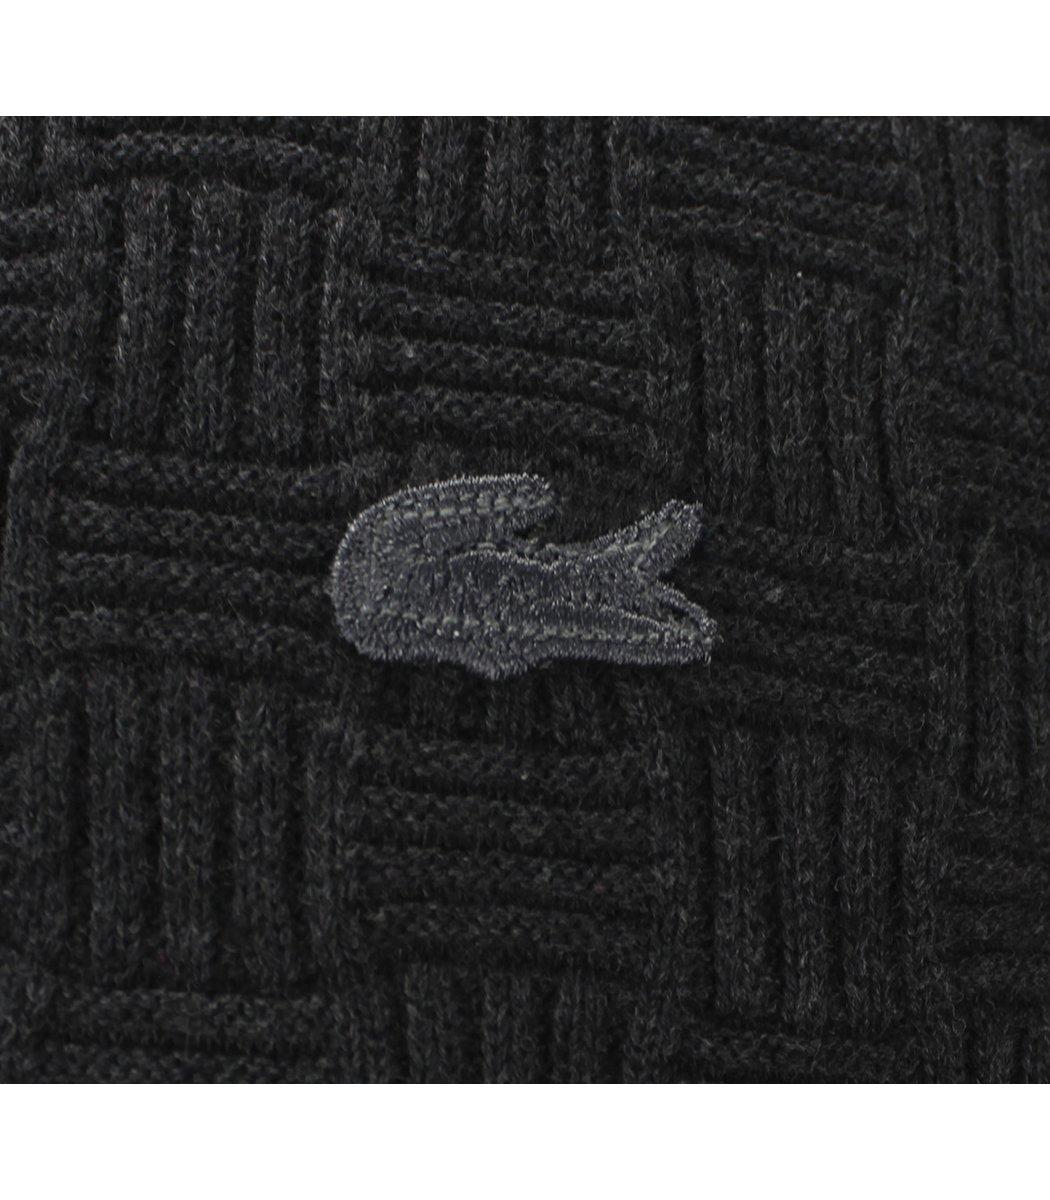 Темно-серый джемпер Lacoste с узором JLN